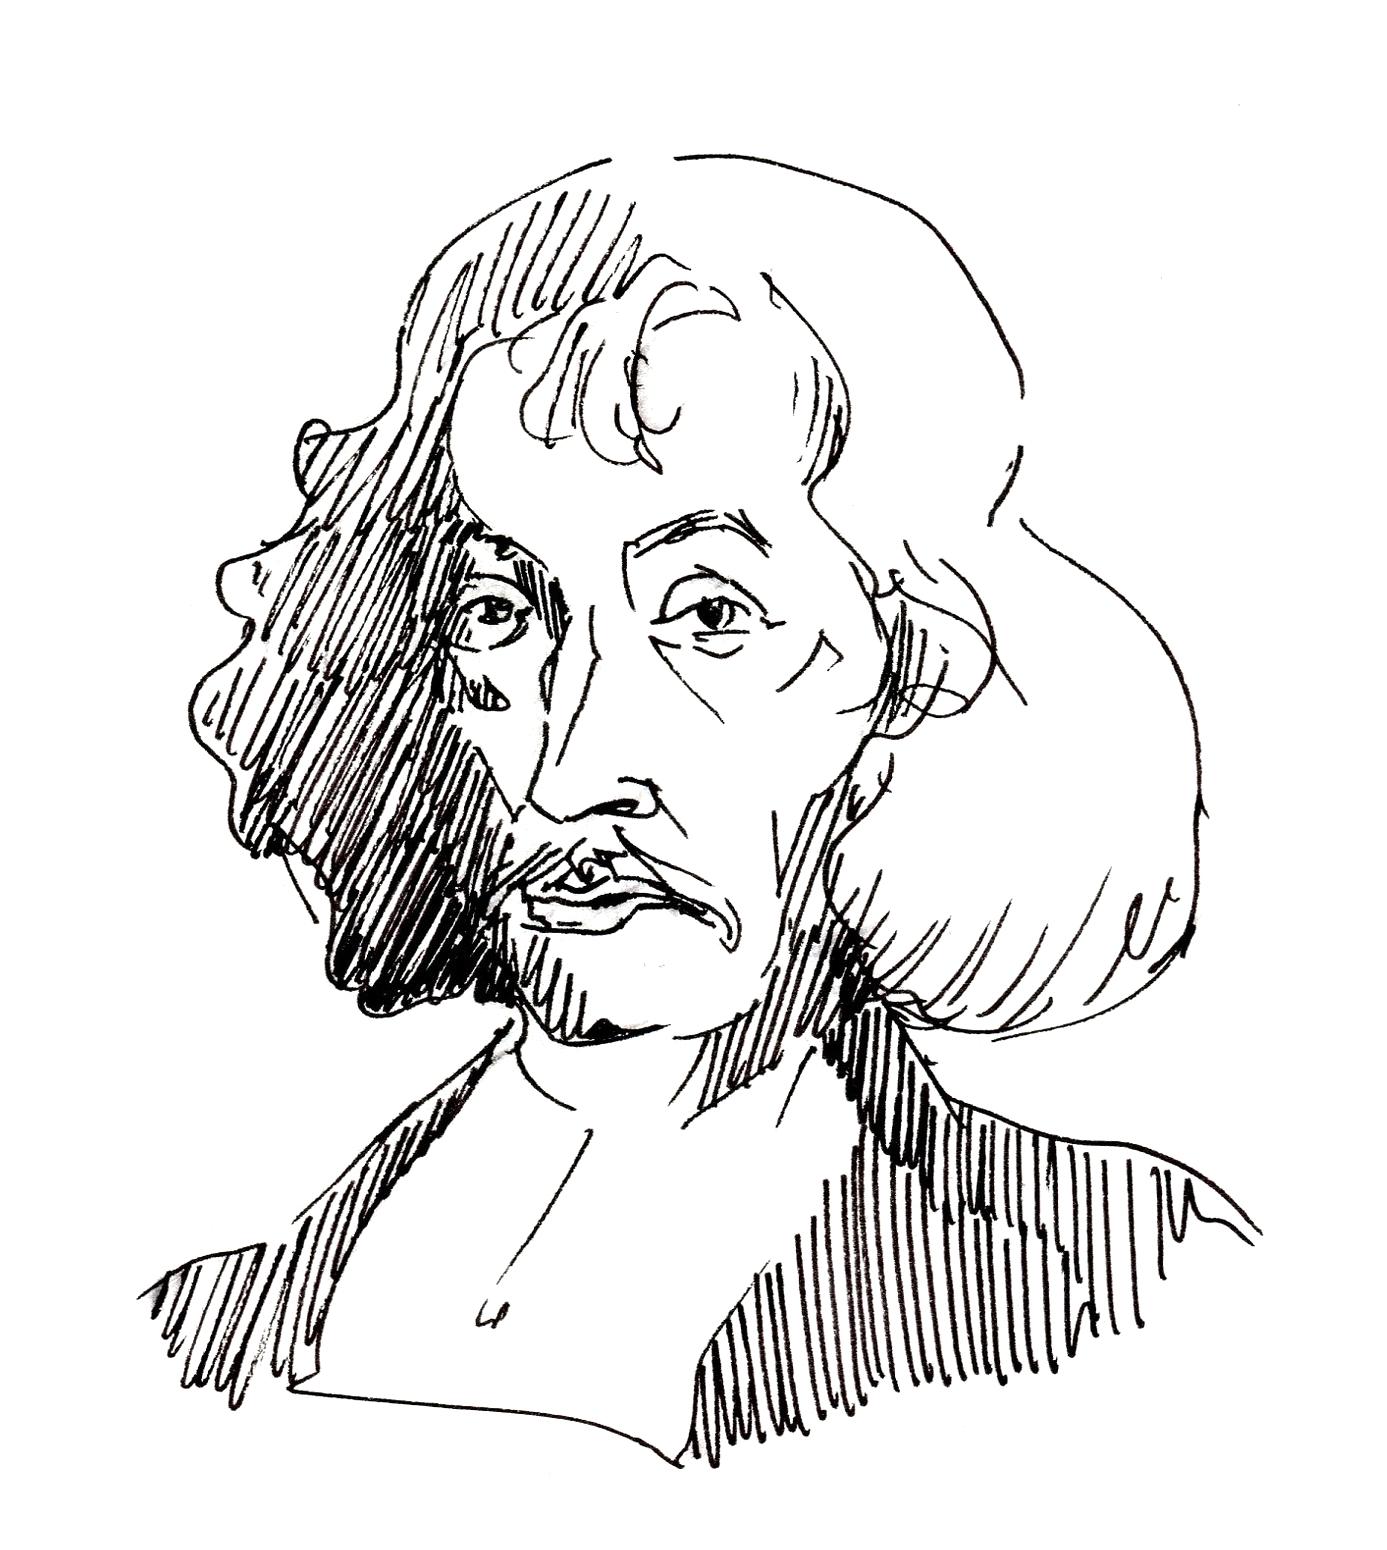 JOHN RAY (1627-1705)